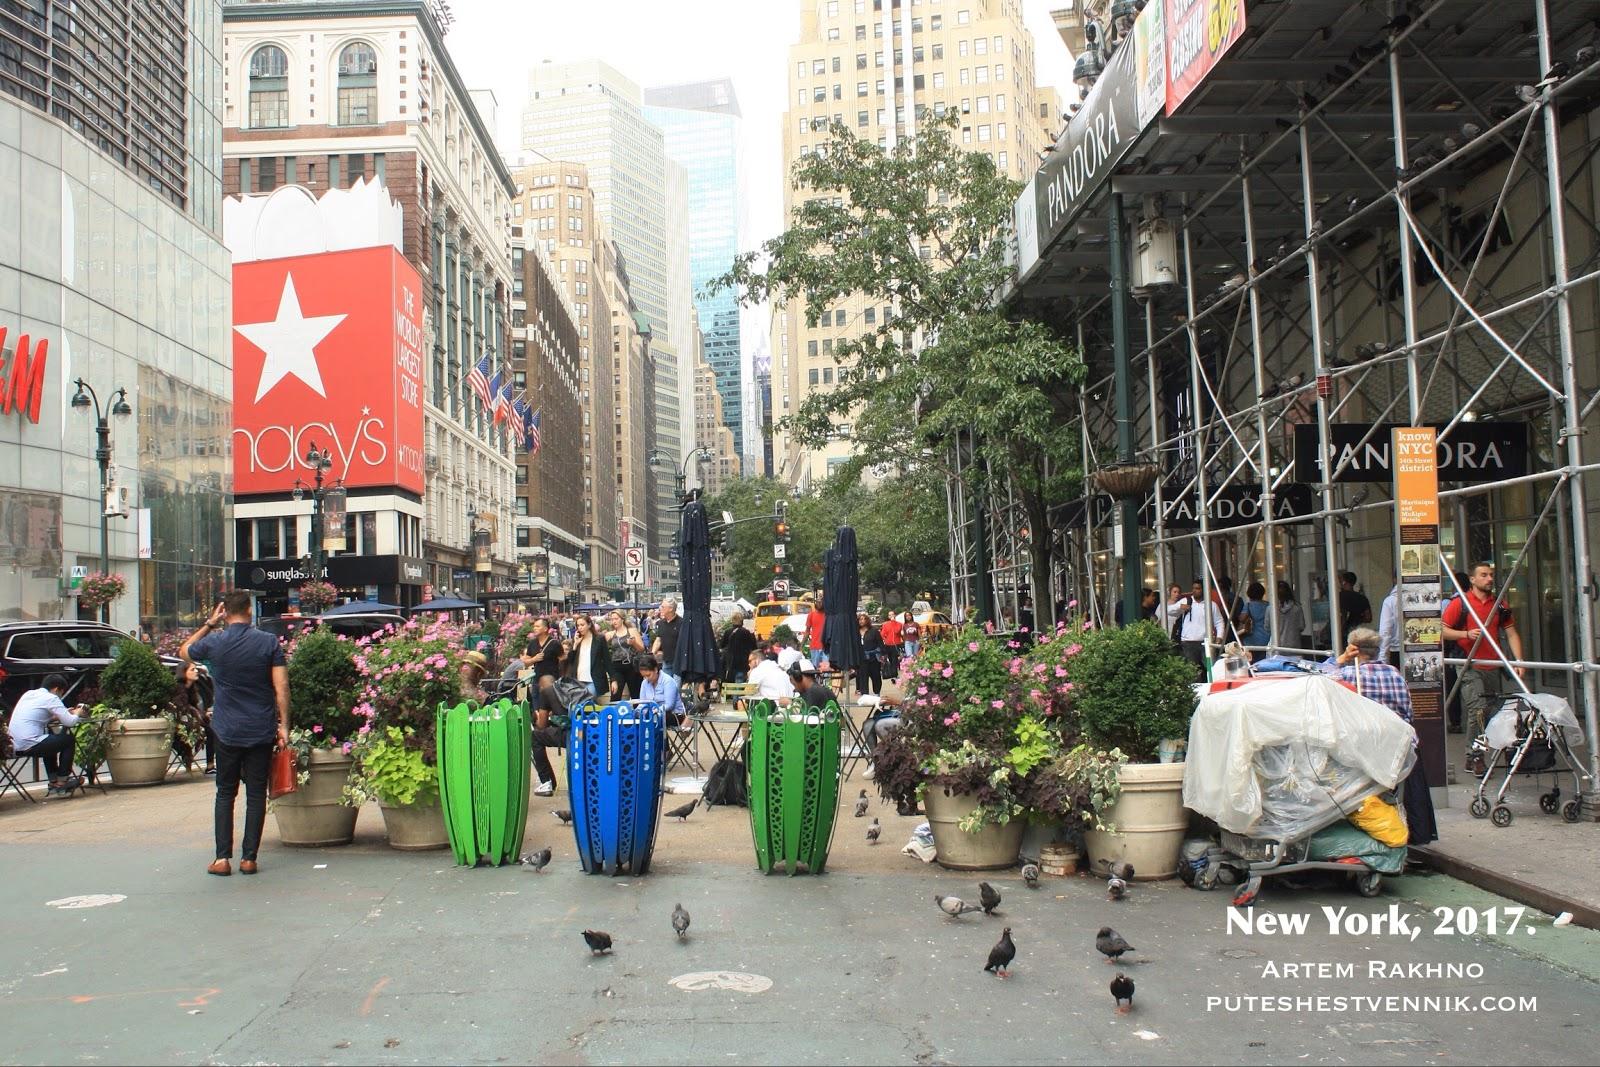 Клумбы с цветами в Нью-Йорке